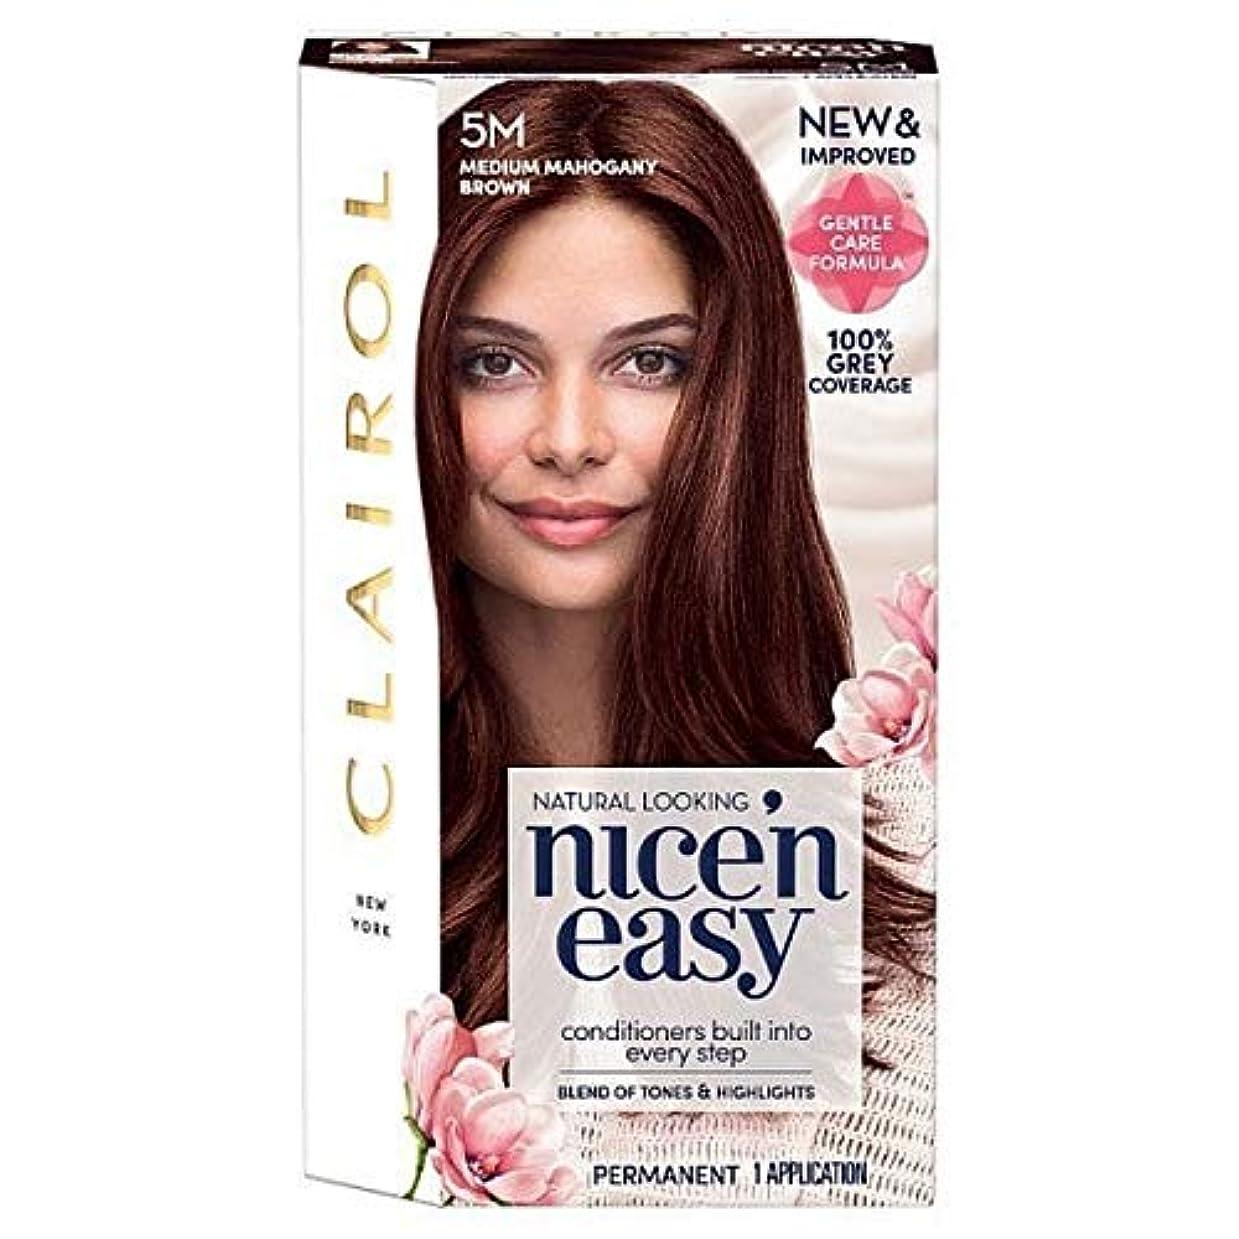 非アクティブ貨物反論[Nice'n Easy] 簡単に5メートルメディアマホガニーブラウンNice'N - Nice'n Easy 5M Medium Mahogany Brown [並行輸入品]